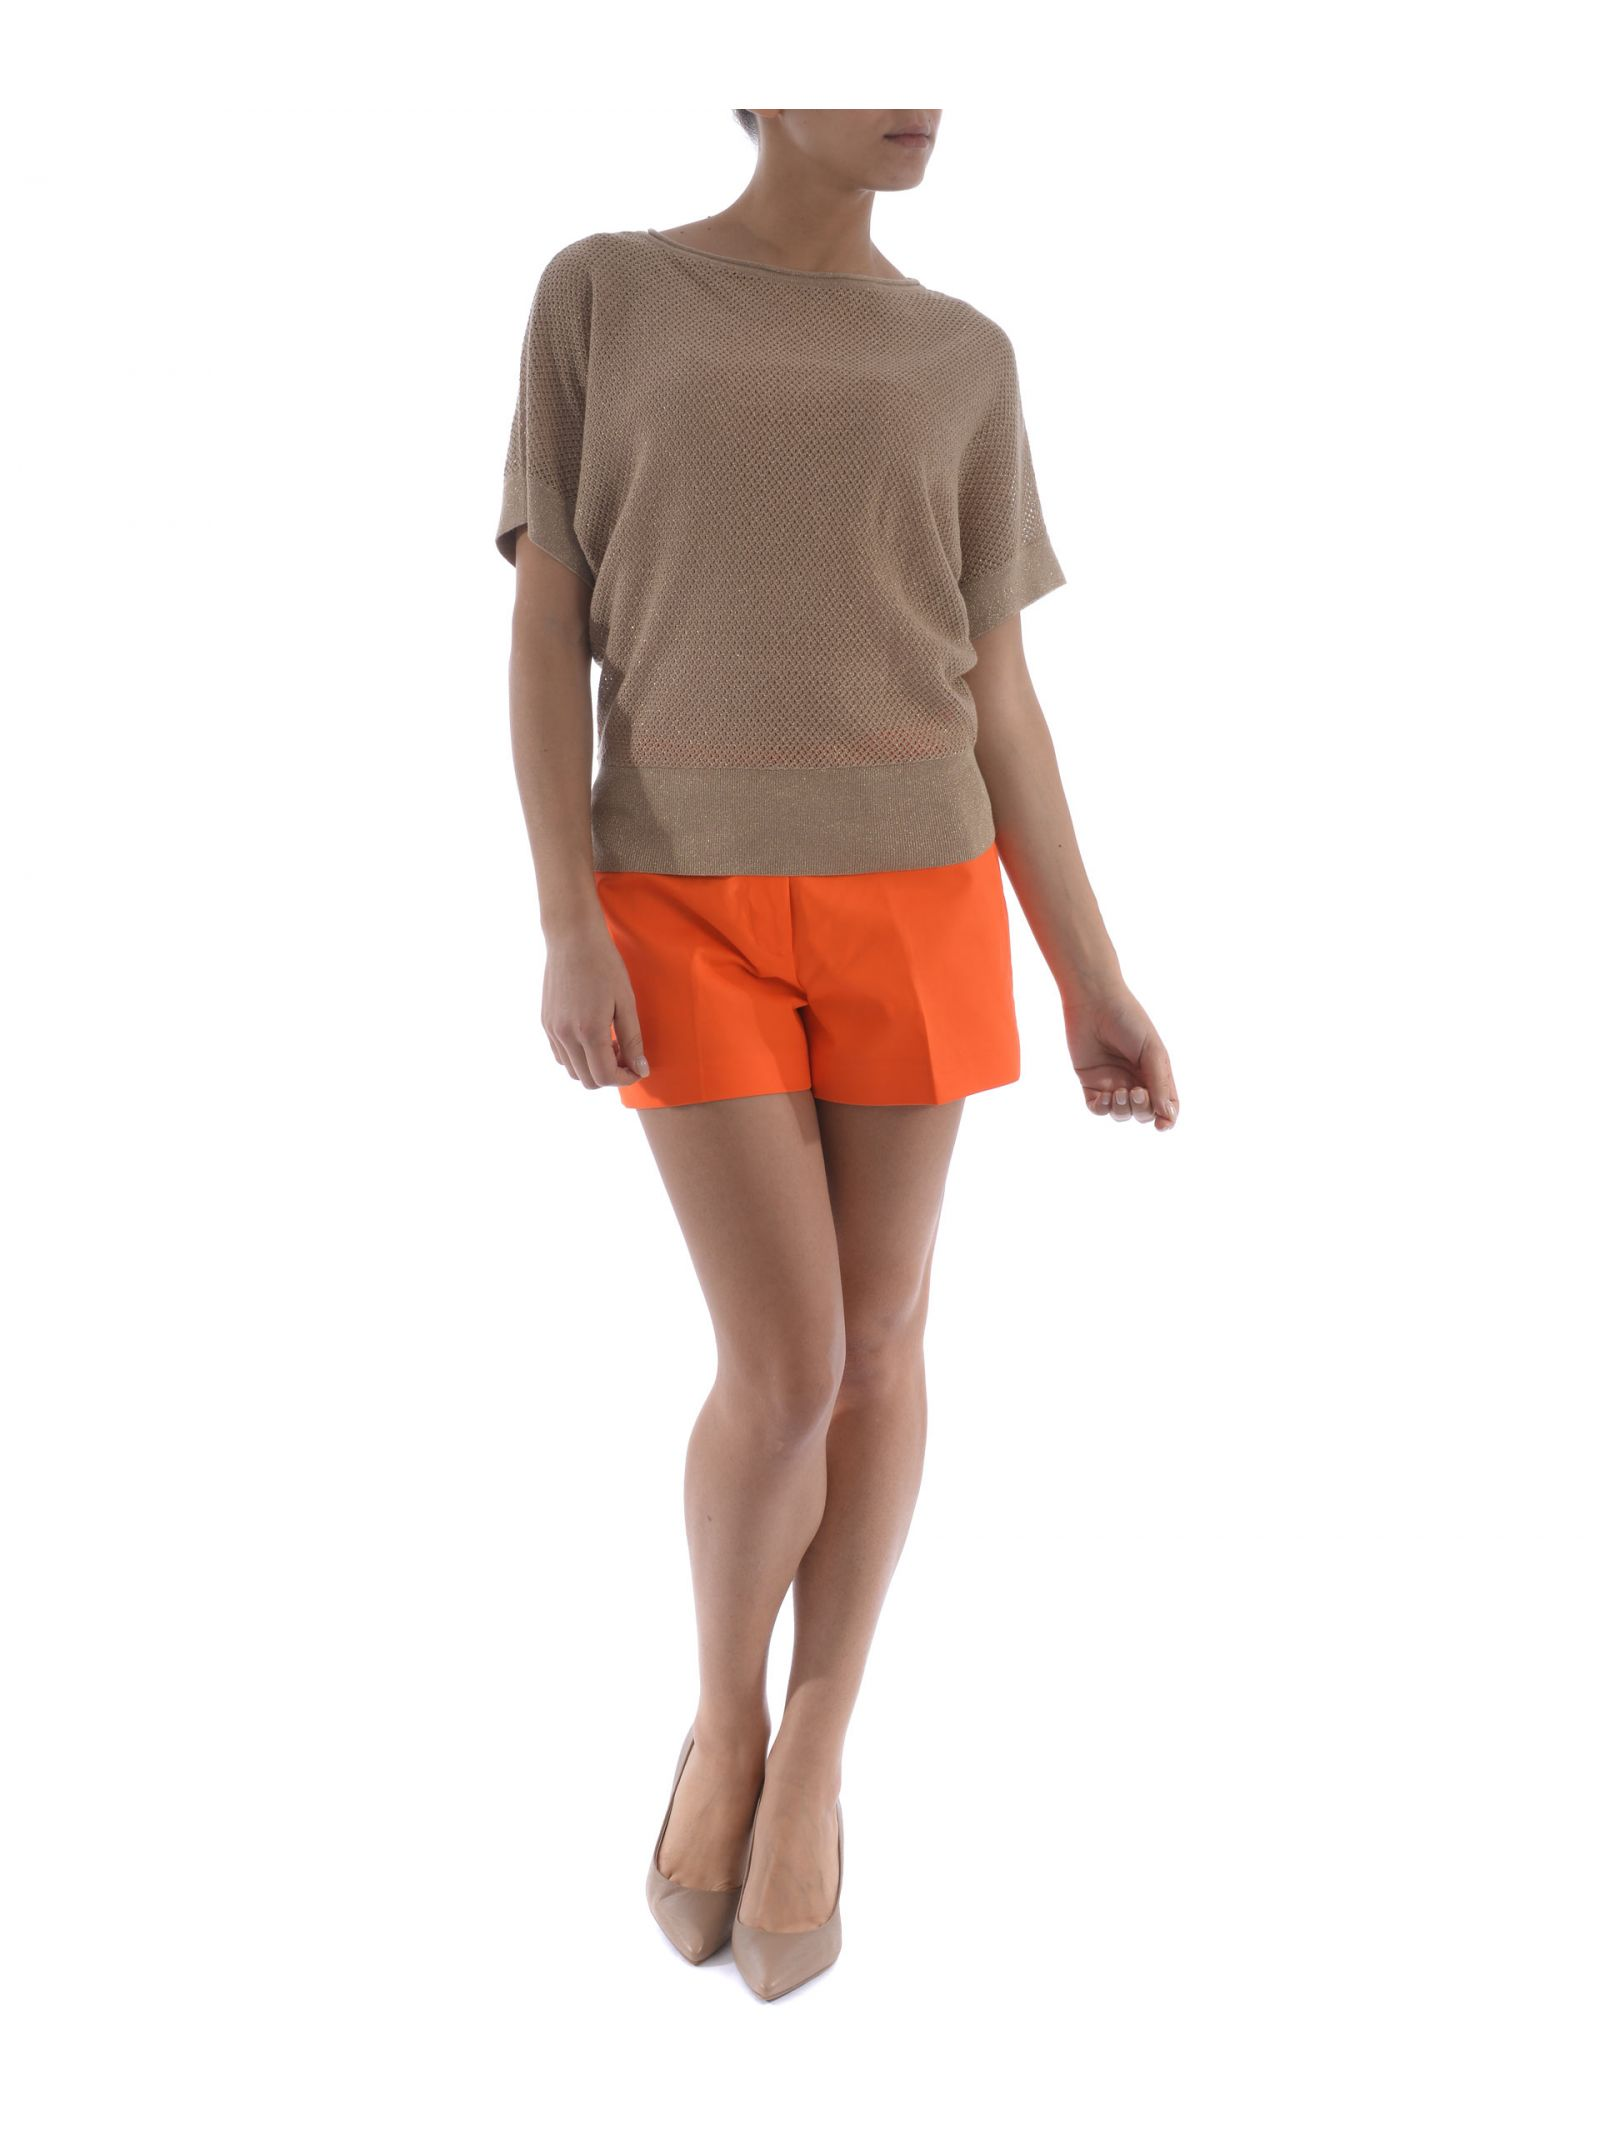 michael kors female michael kors knitted top